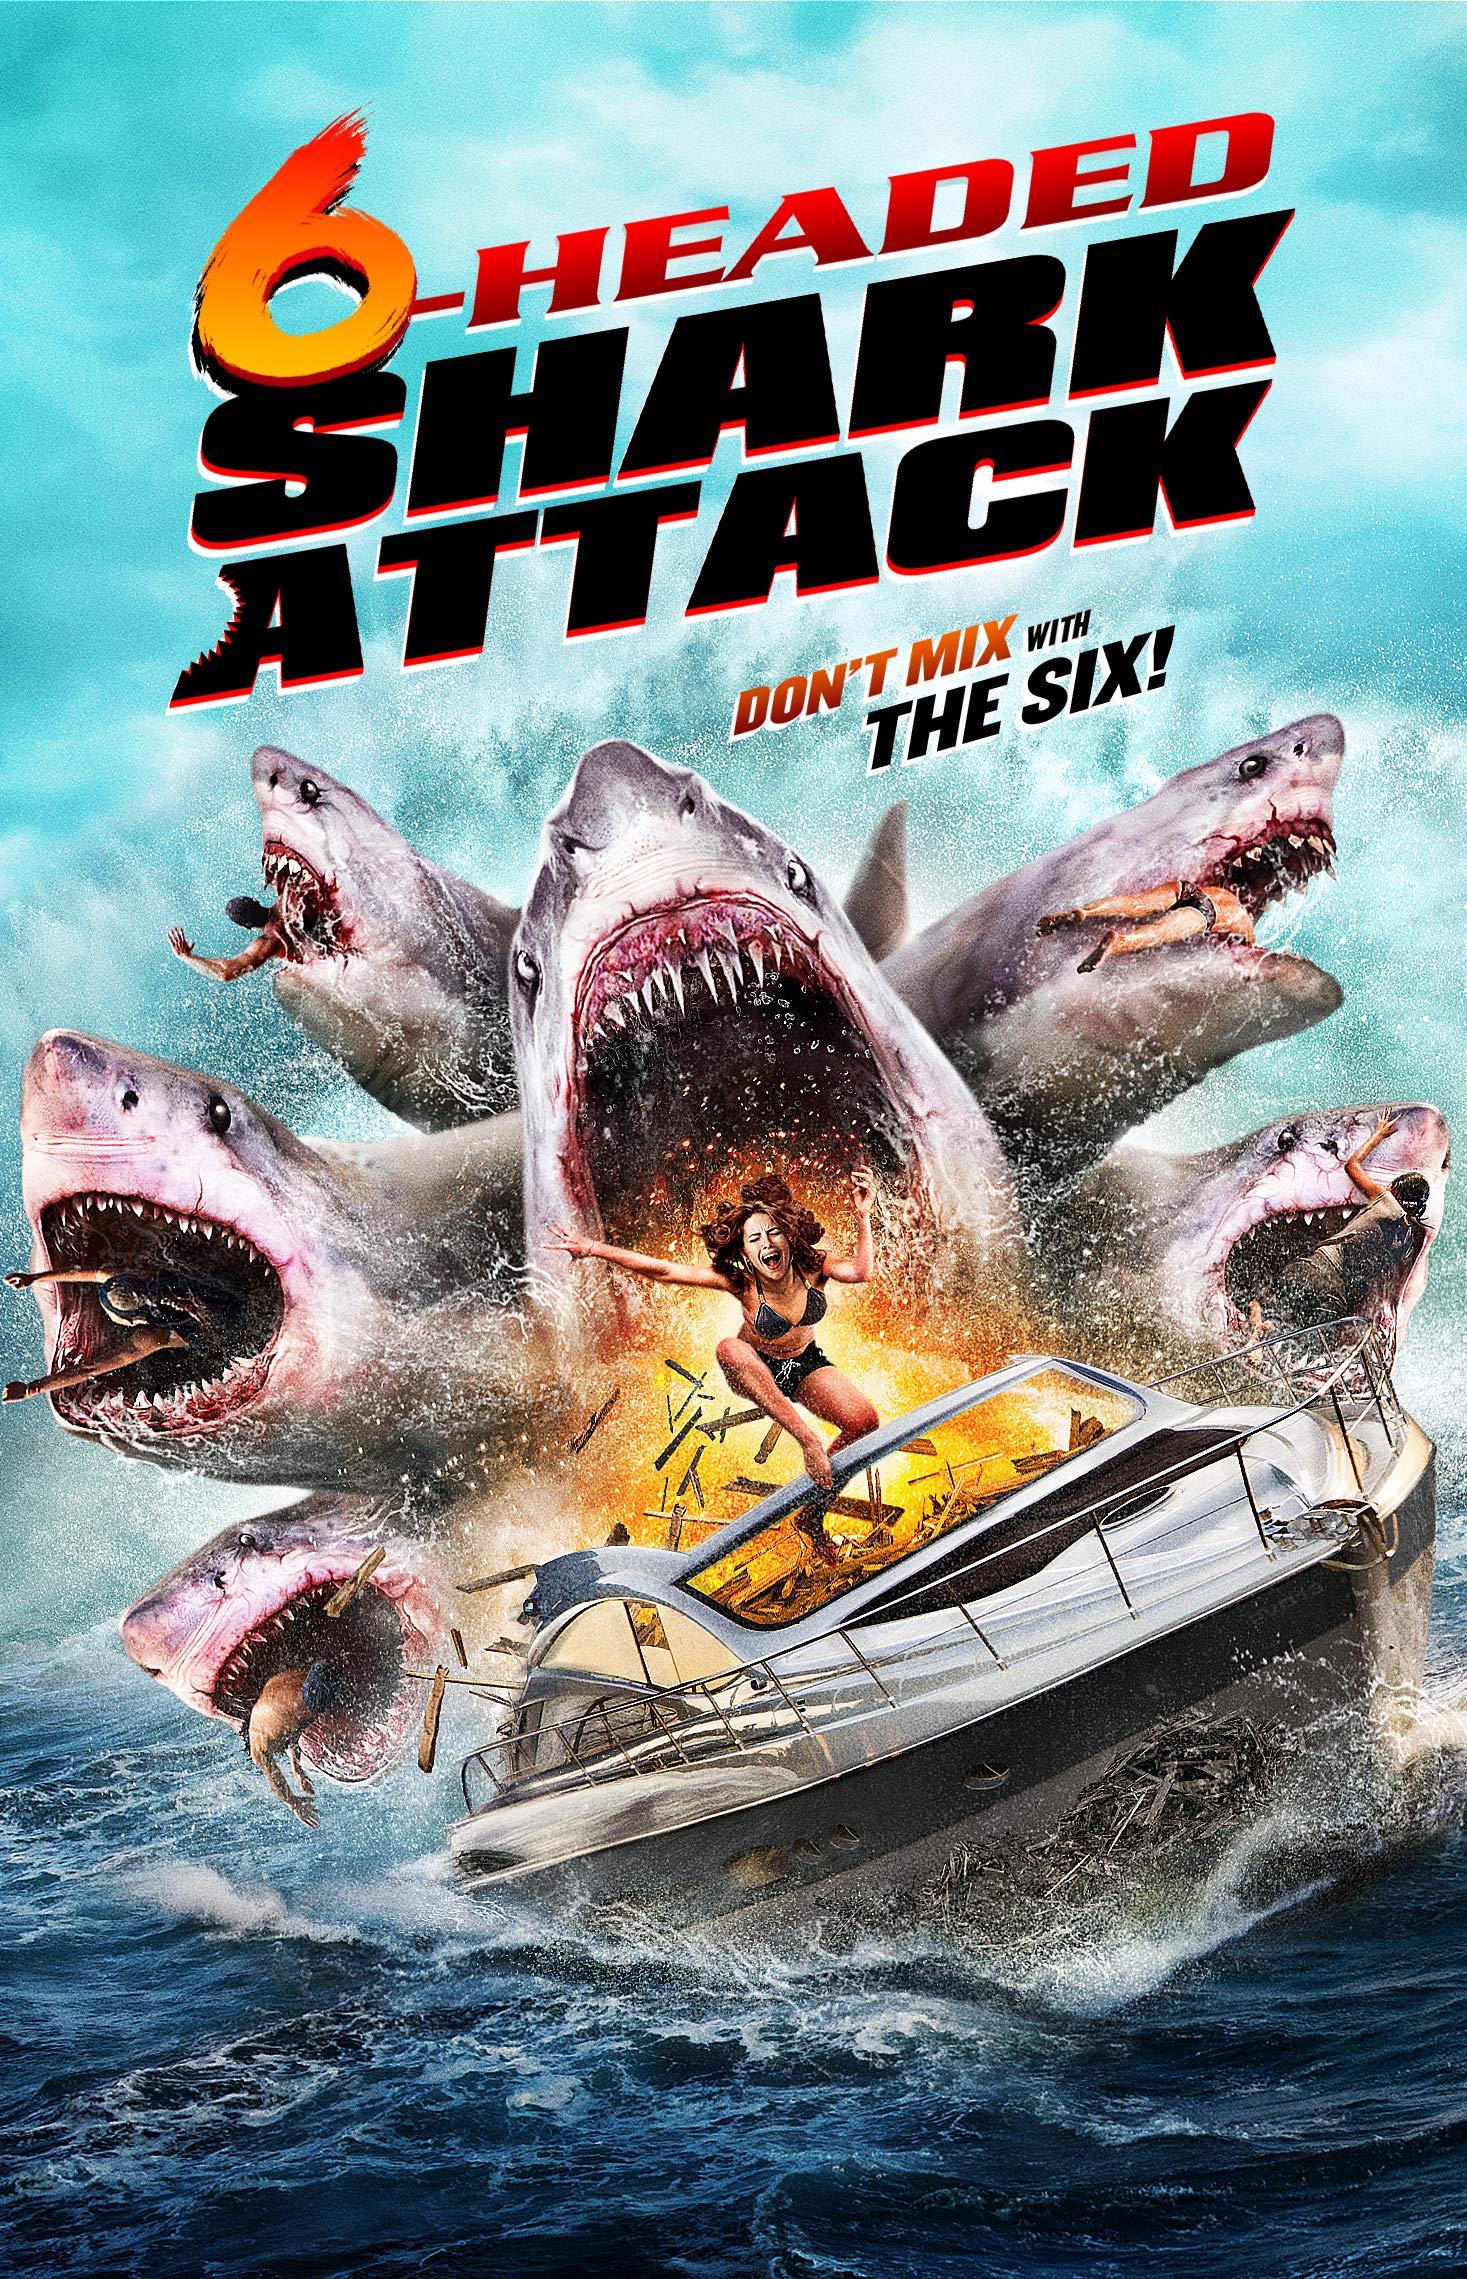 DVD : 6-headed Shark Attack (DVD)